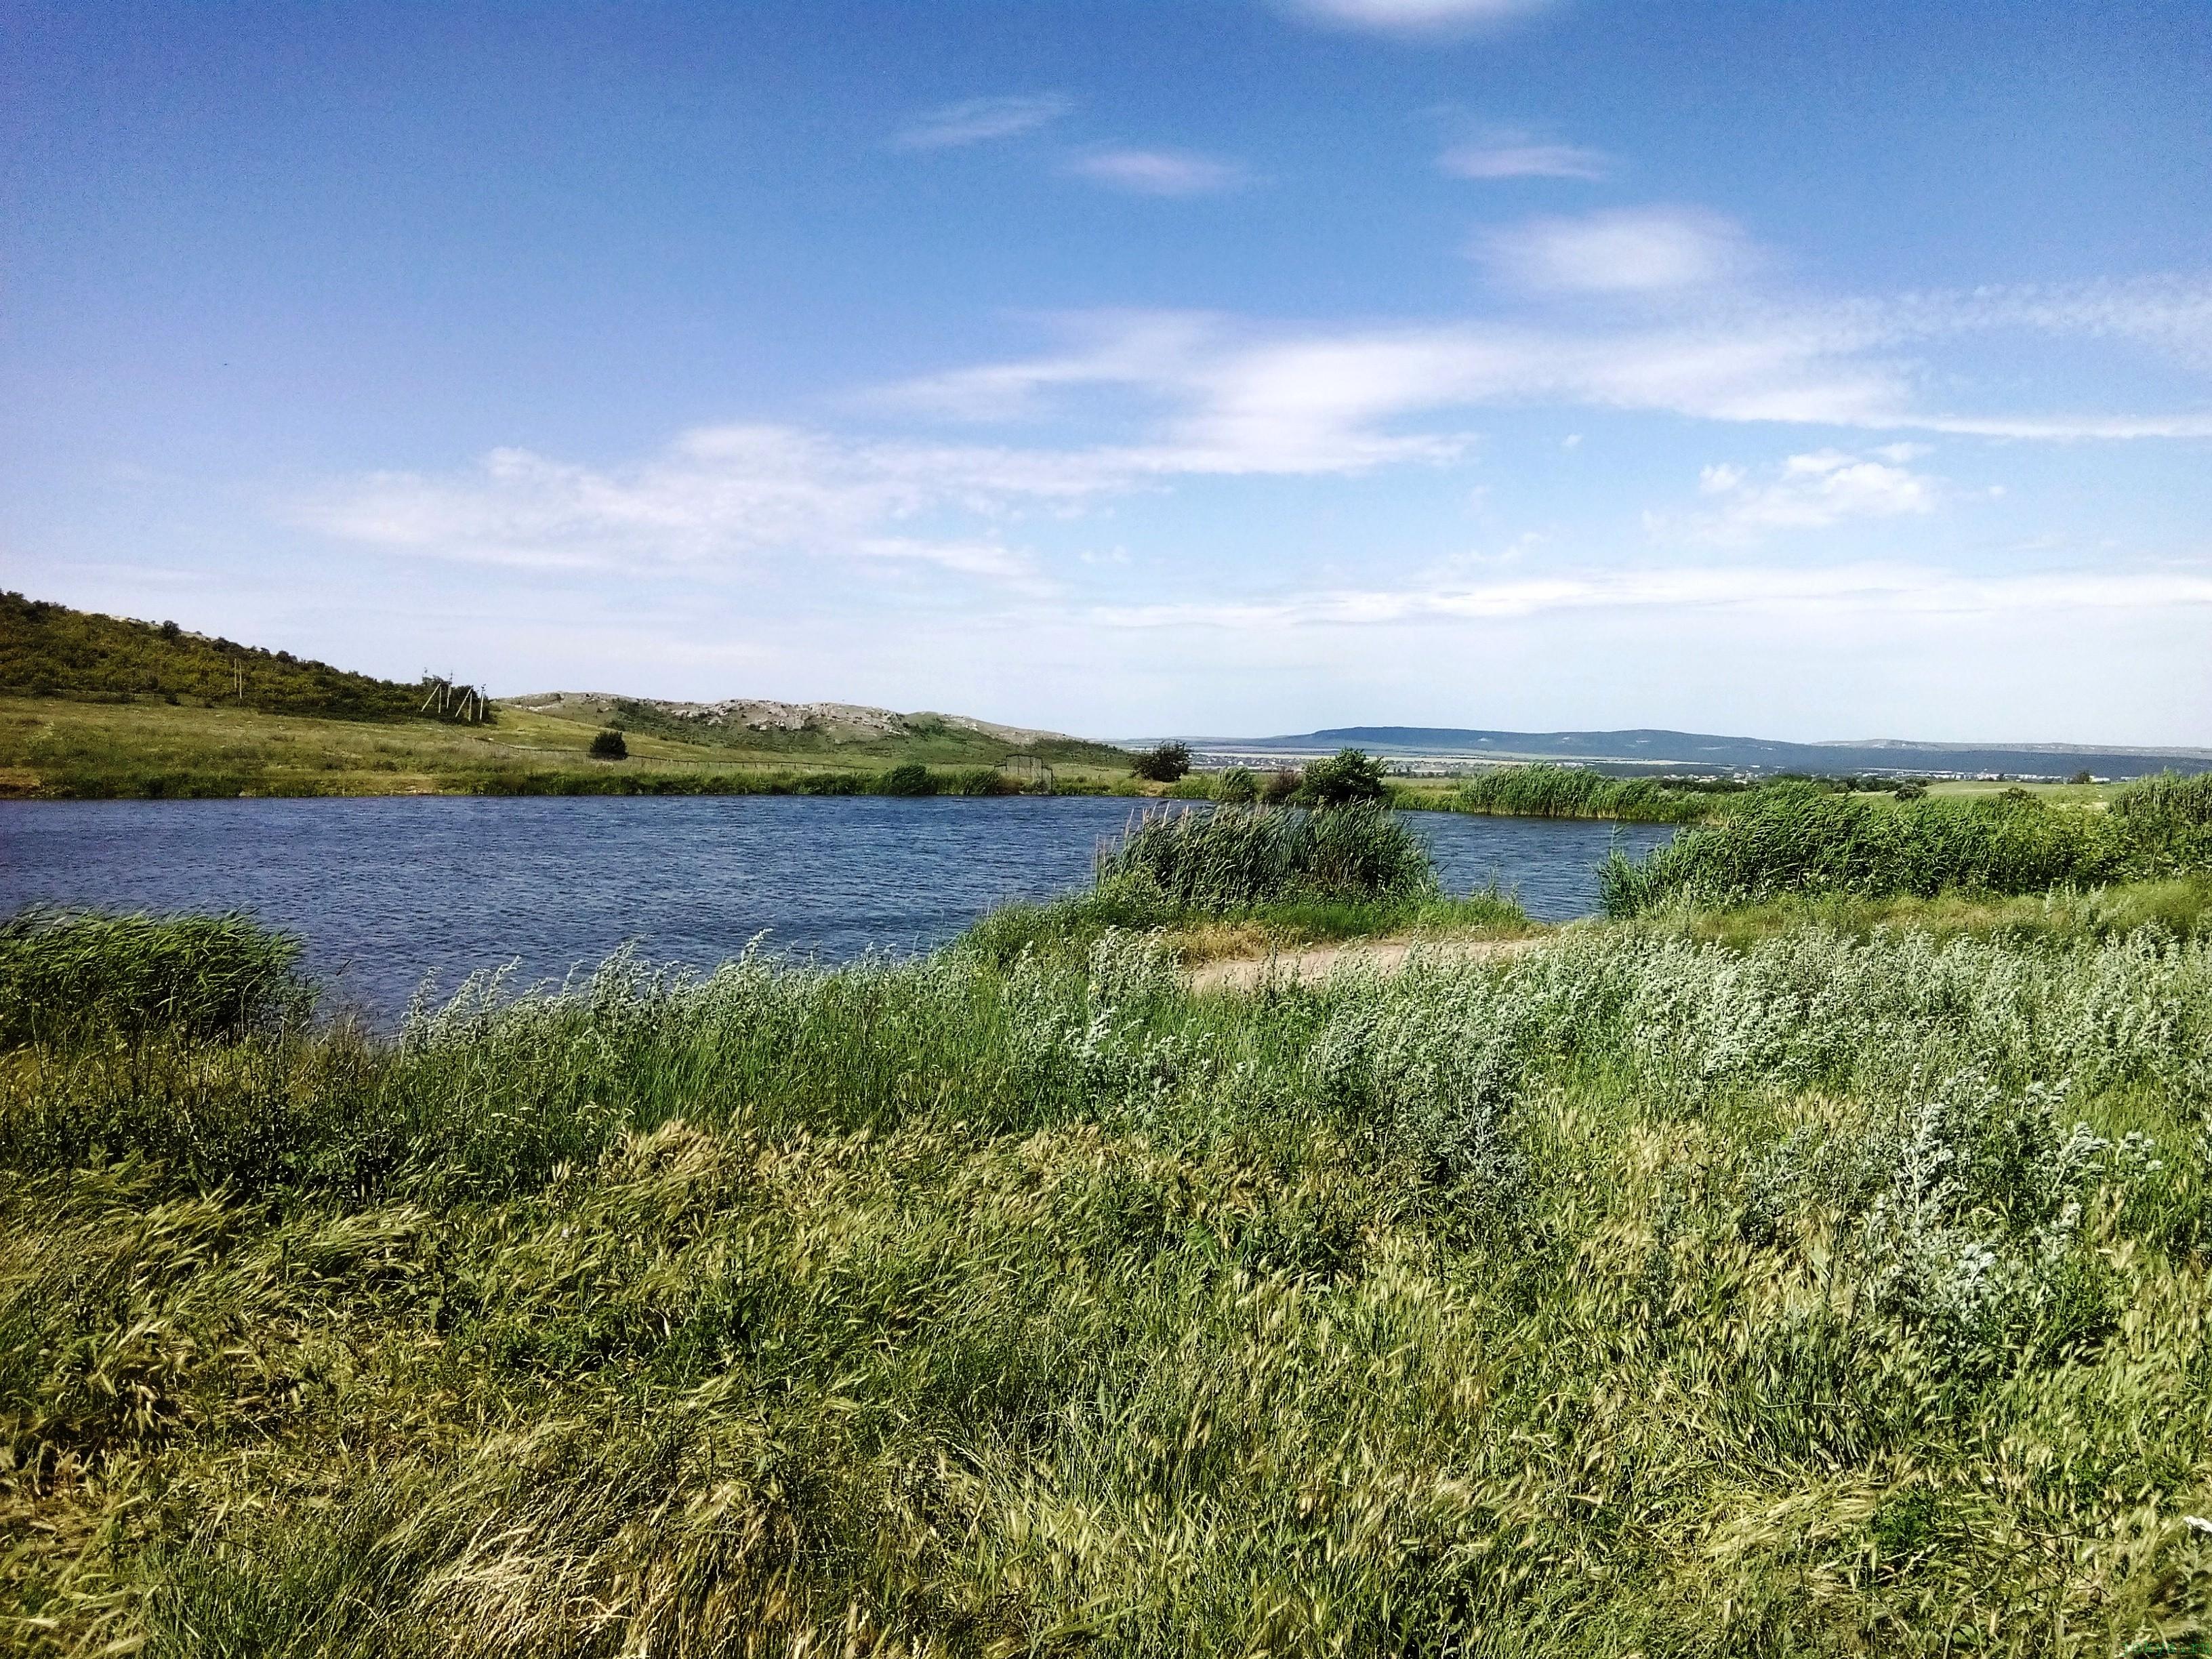 Пруд в селе Ульяновке фото заметка о Крыме jokya.ru